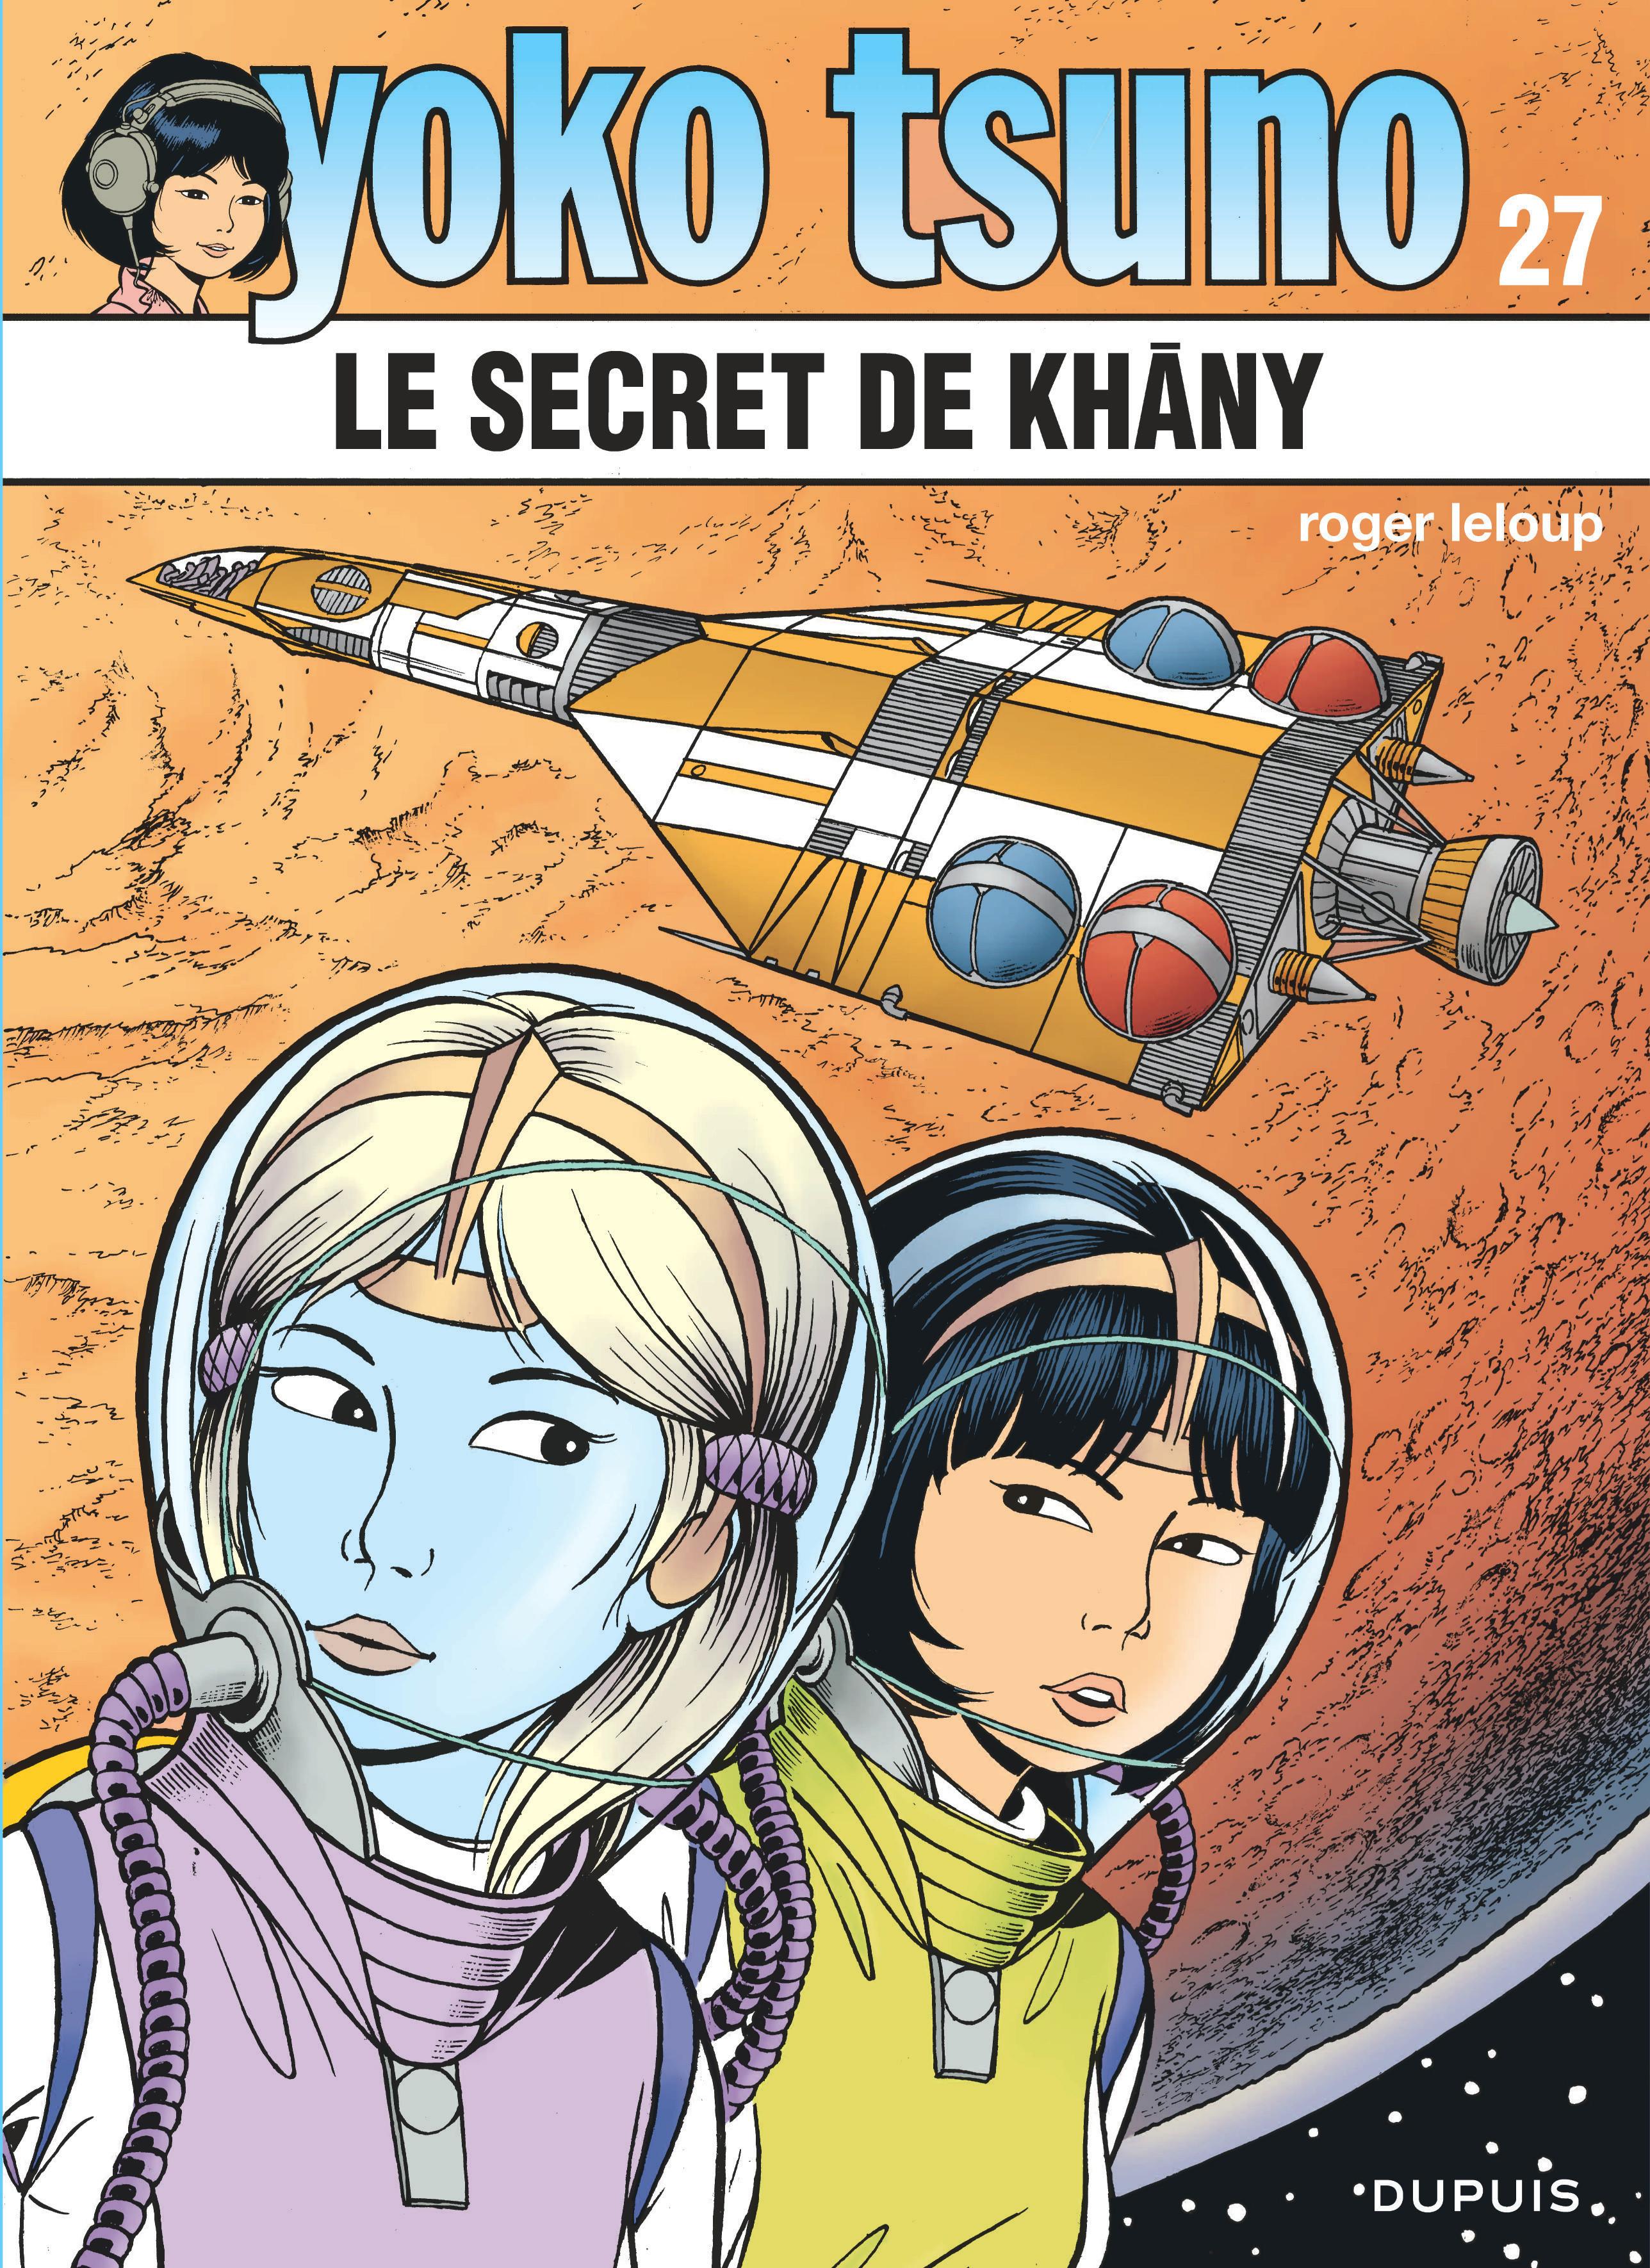 YOKO TSUNO - TOME 27 - LE SECRET DE KHANY